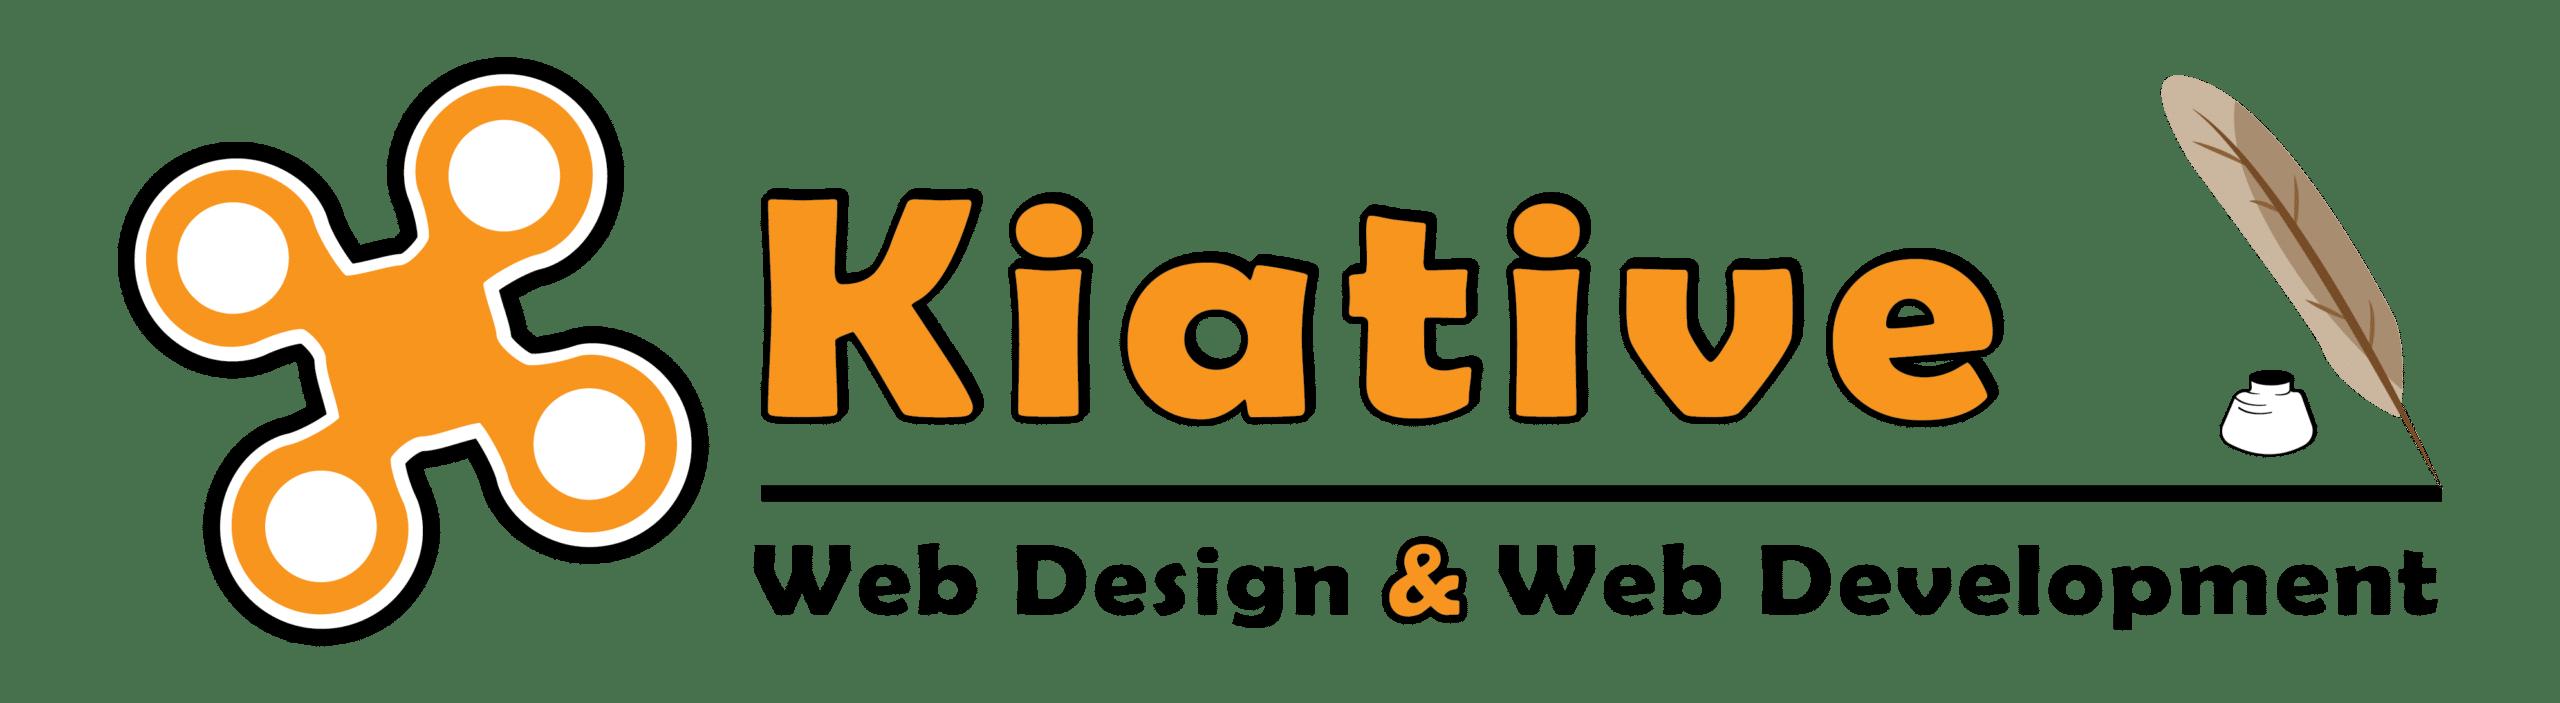 Kiative : ทำเว็บไซต์ ออกแบบ เขียนโปรแกรม ราคาถูก มีคุณภาพ